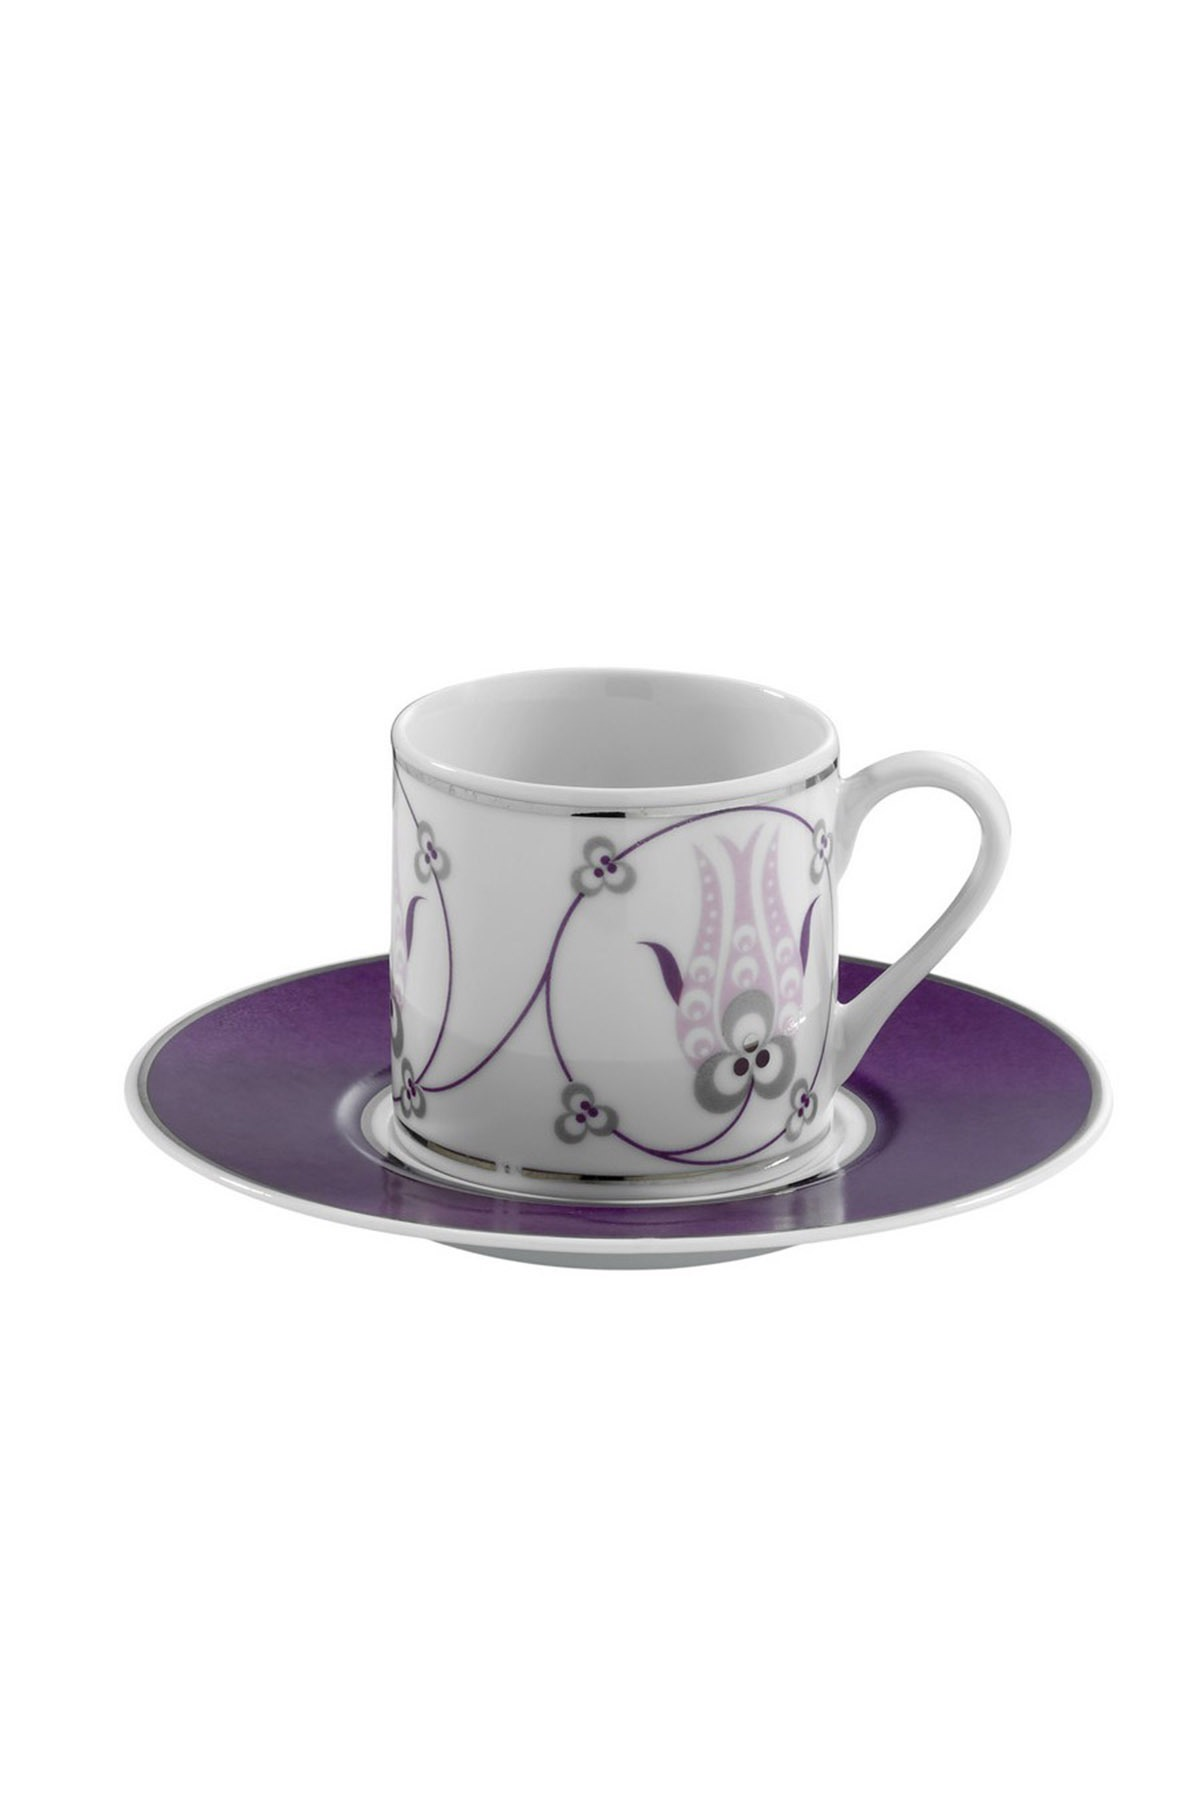 Kütahya Porselen Çintemani 9724 Desen Kahve Fincan Takımı